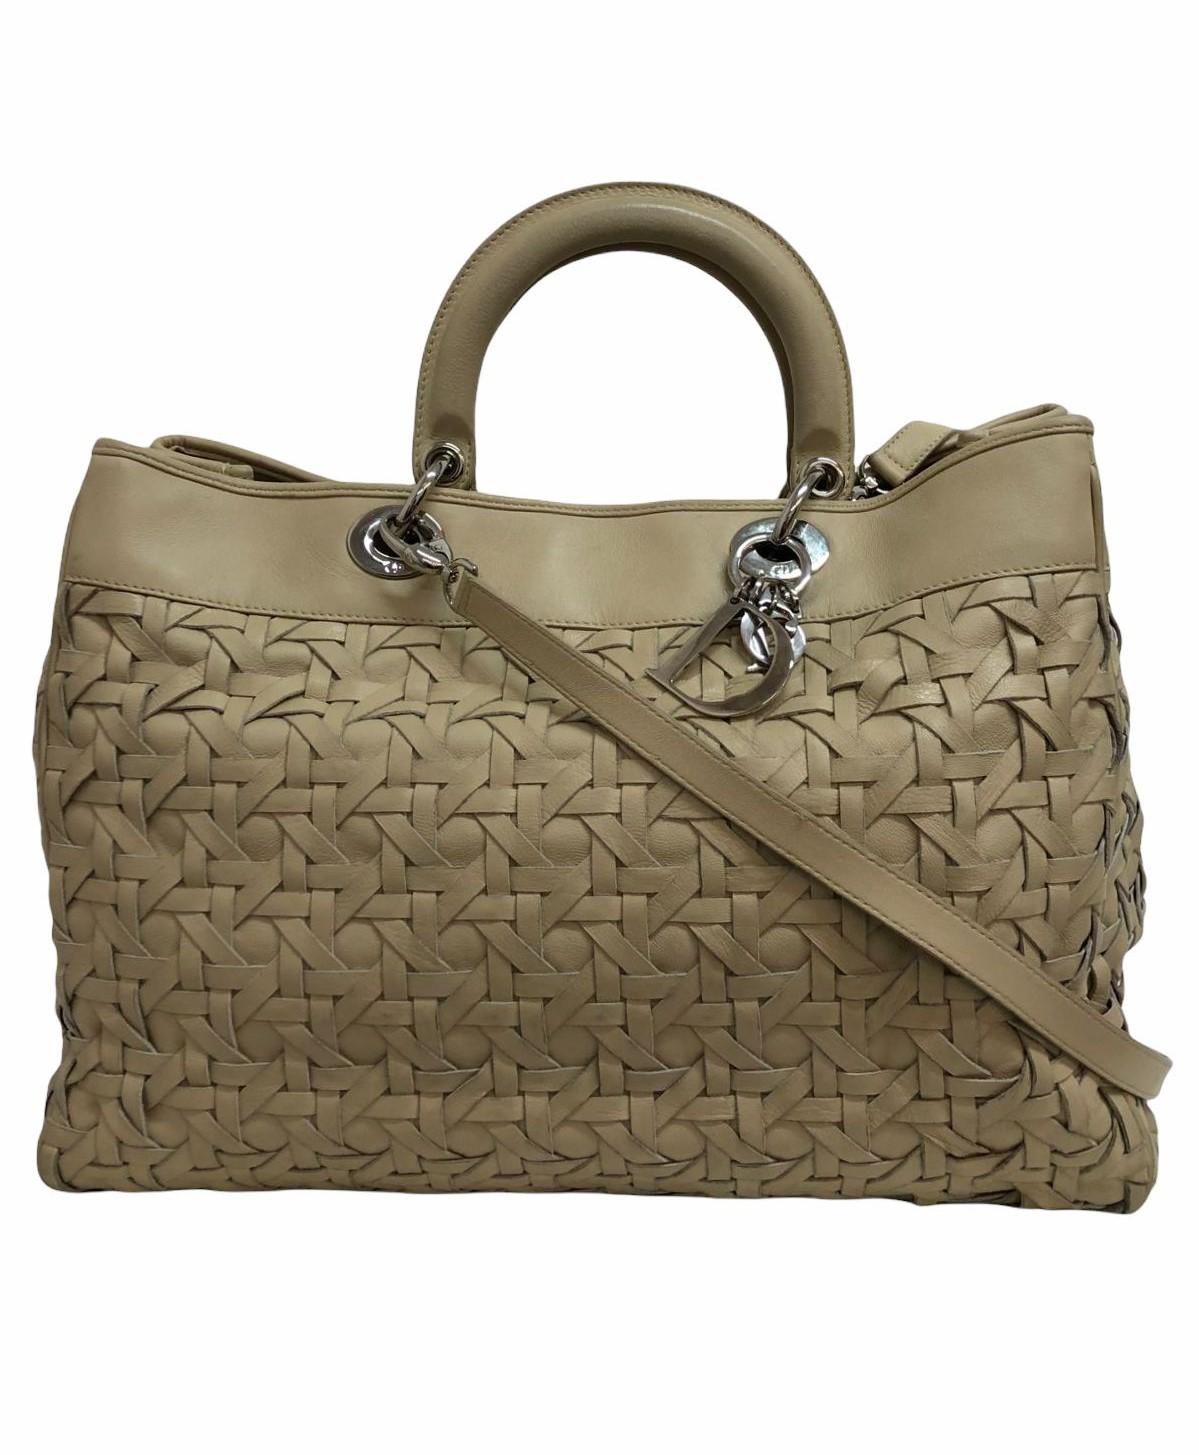 Bolsa Dior Lady Dior Avenue Woven Large